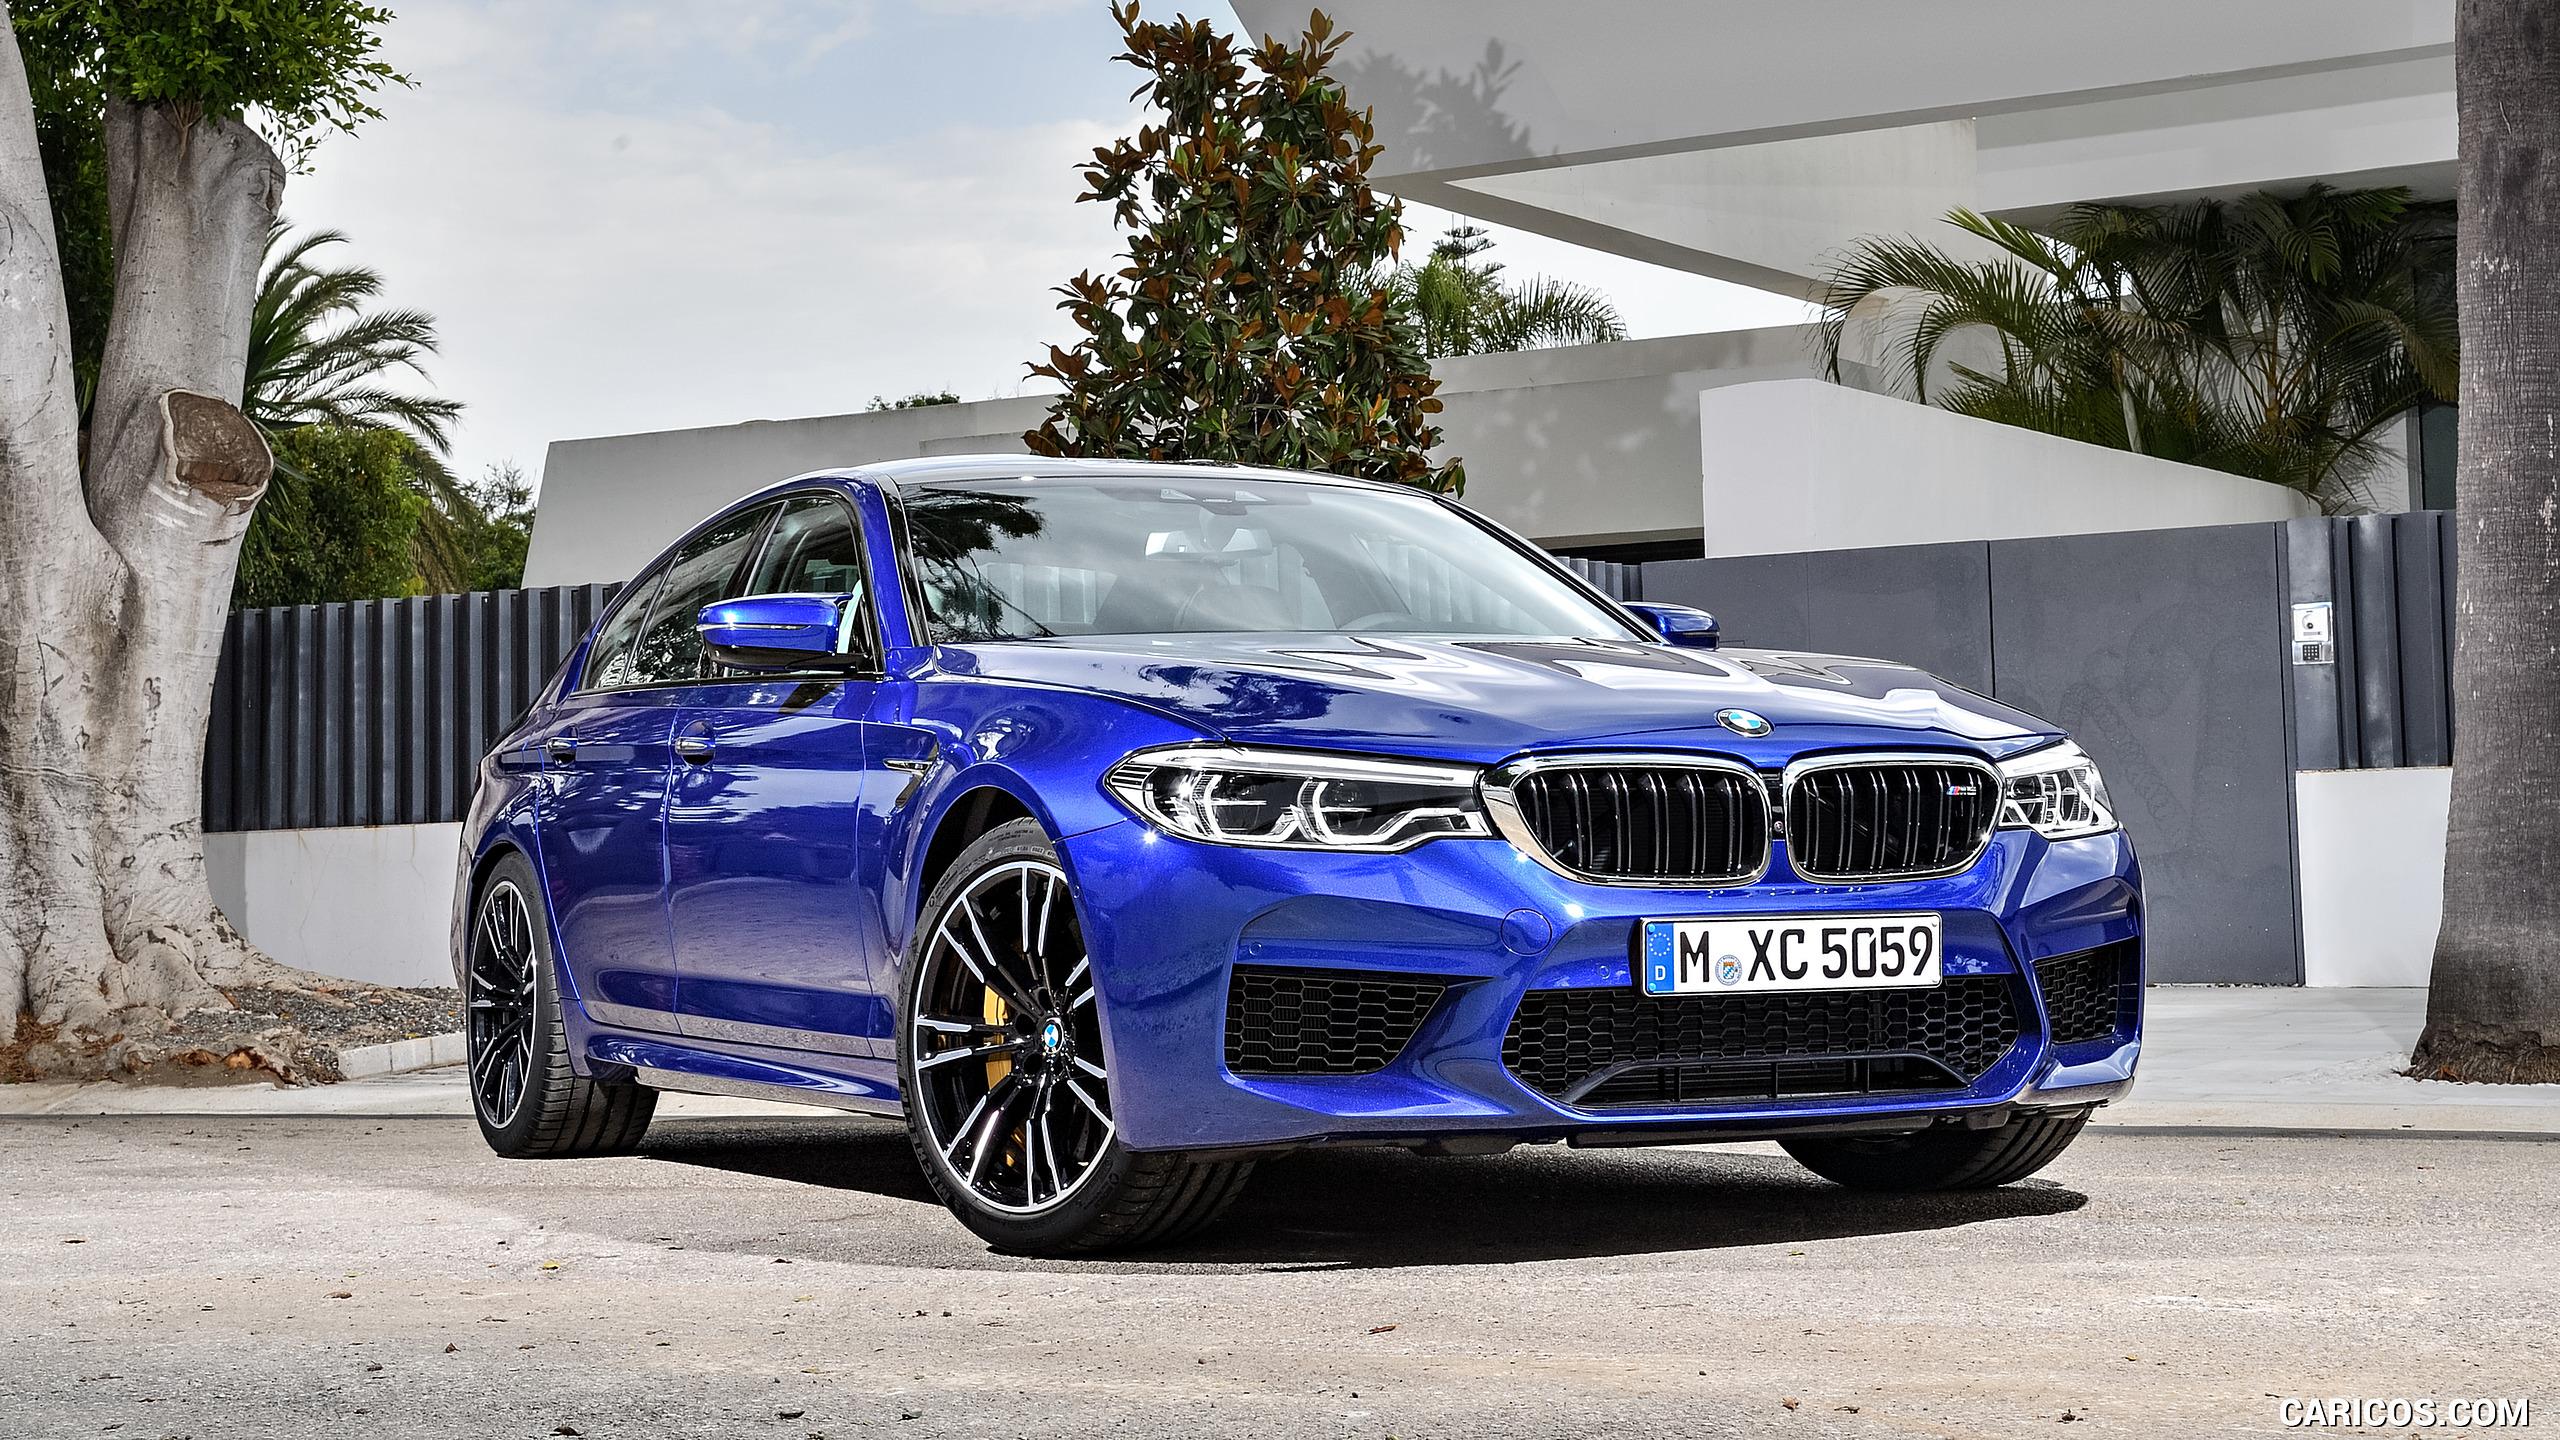 2018 BMW M5 F90   Front Three Quarter HD Wallpaper 17 2560x1440